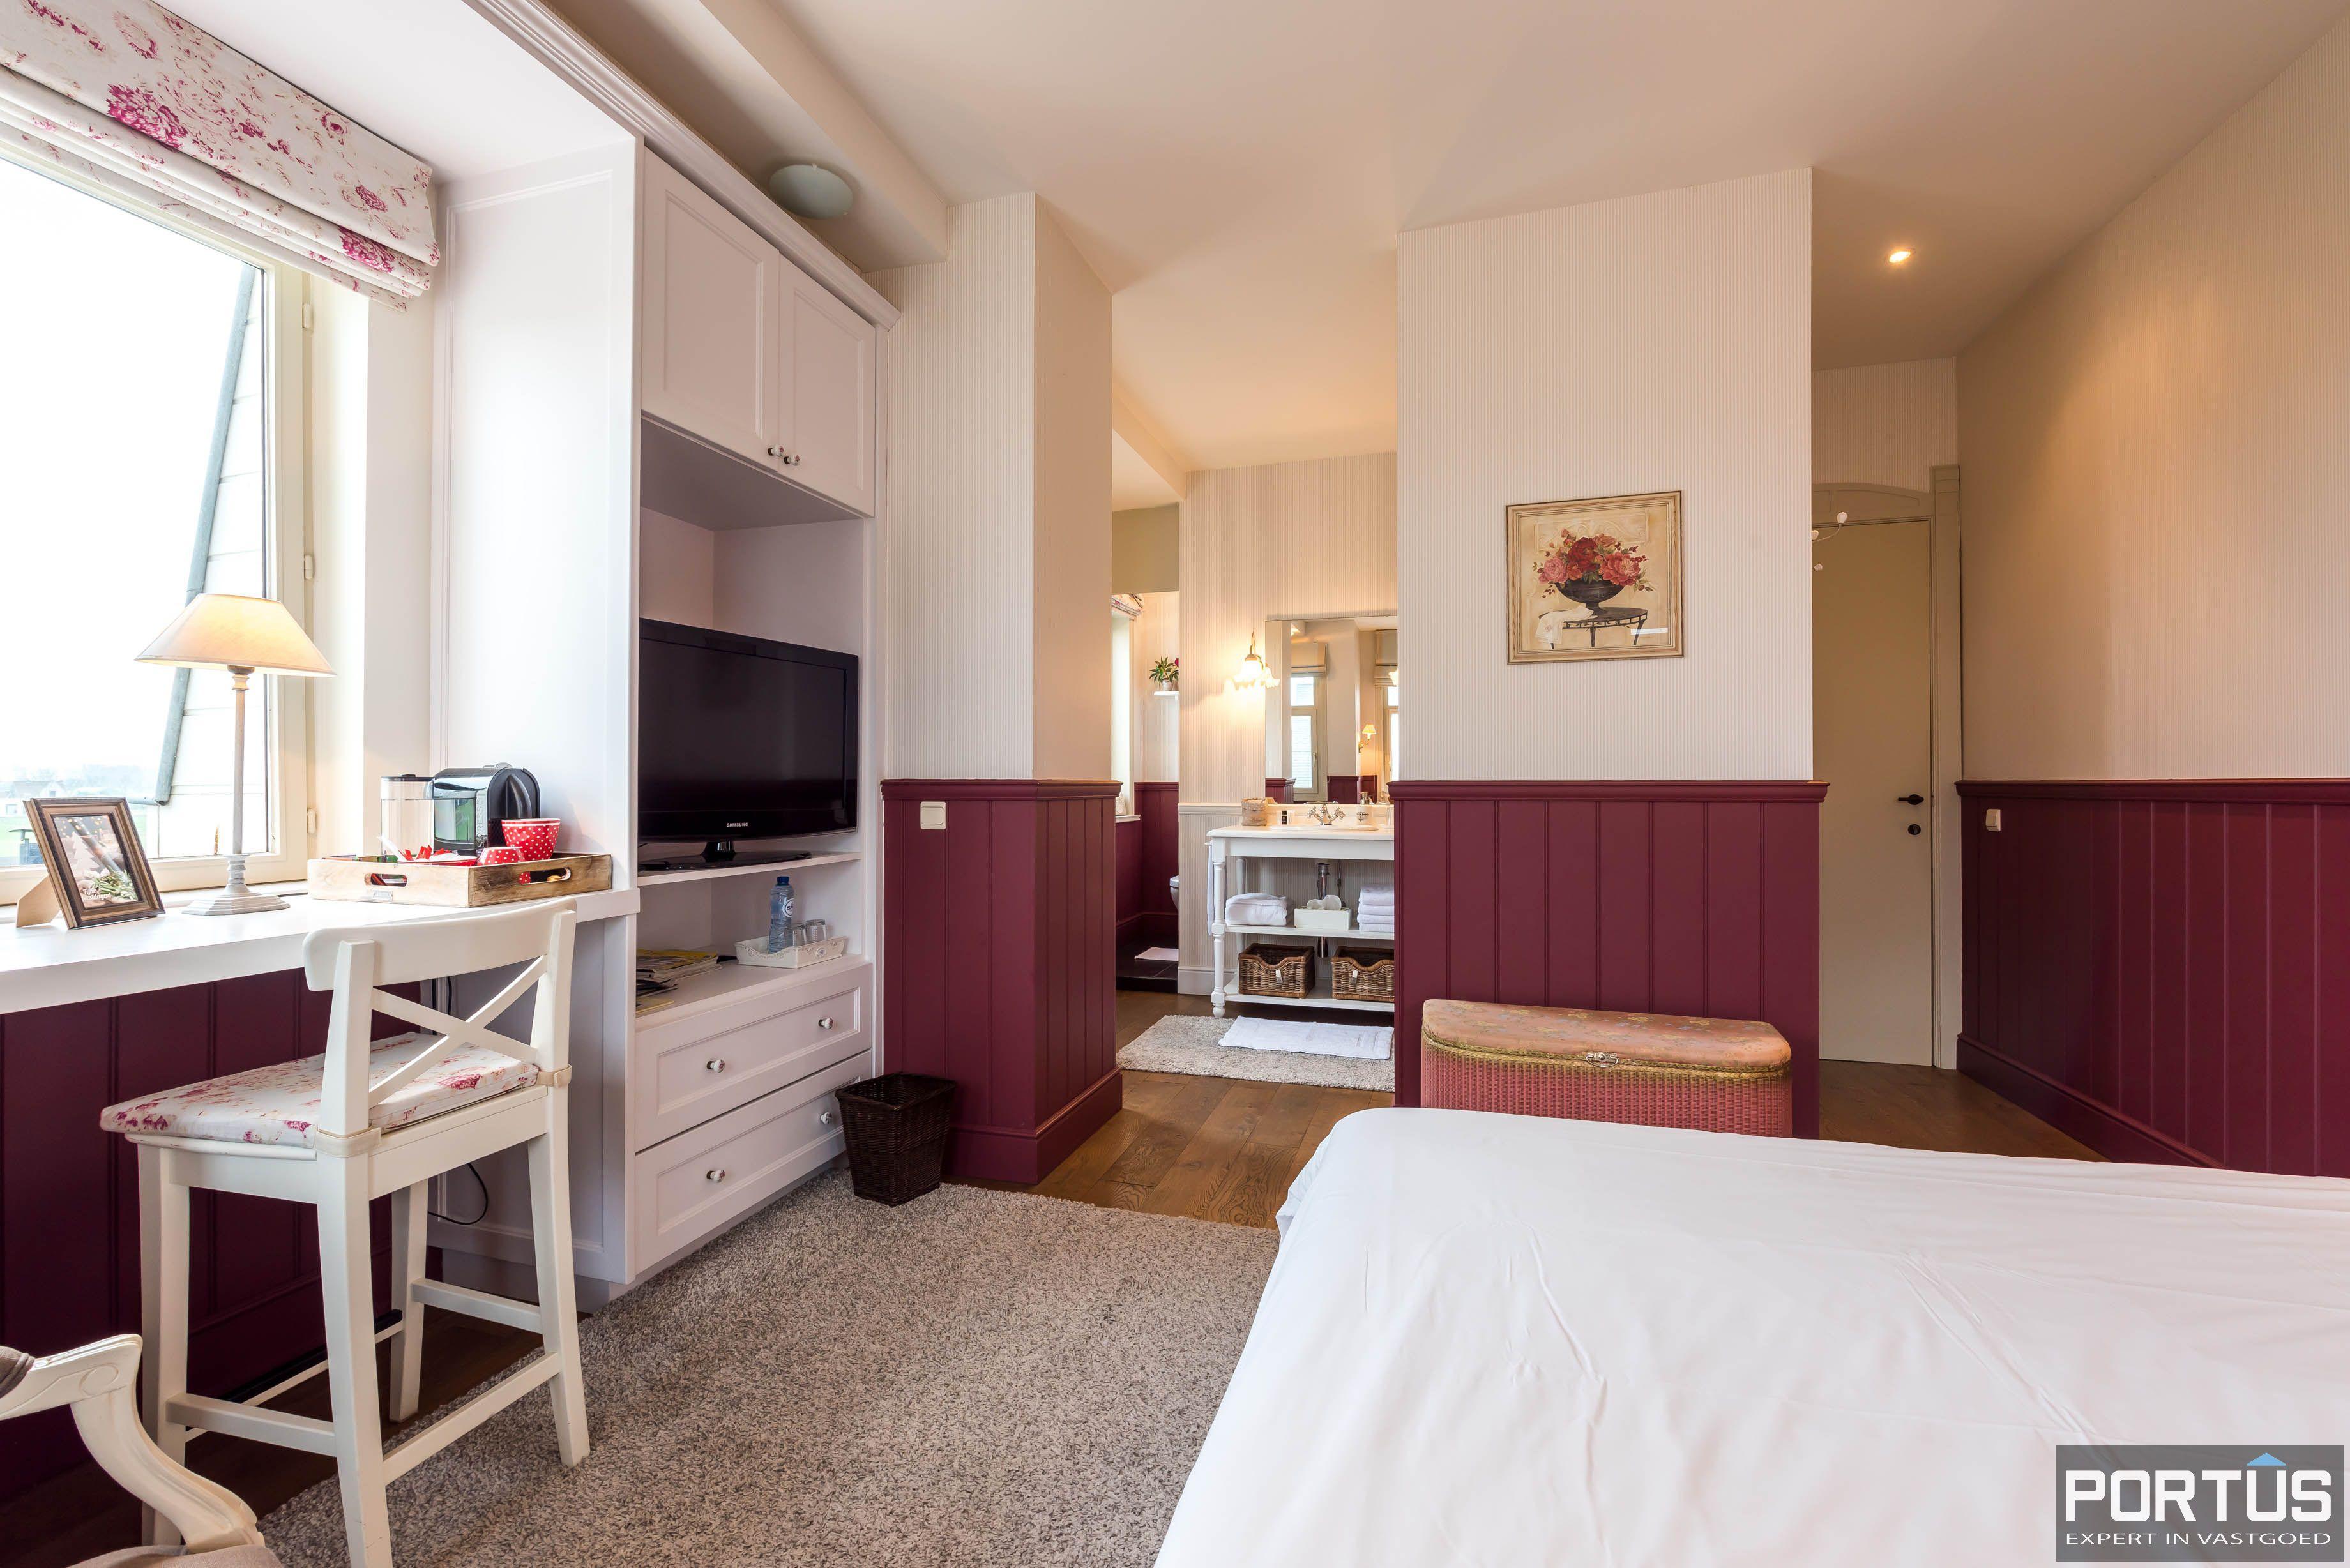 Villa/B&B te koop Westende met 6 slaapkamers - 5449